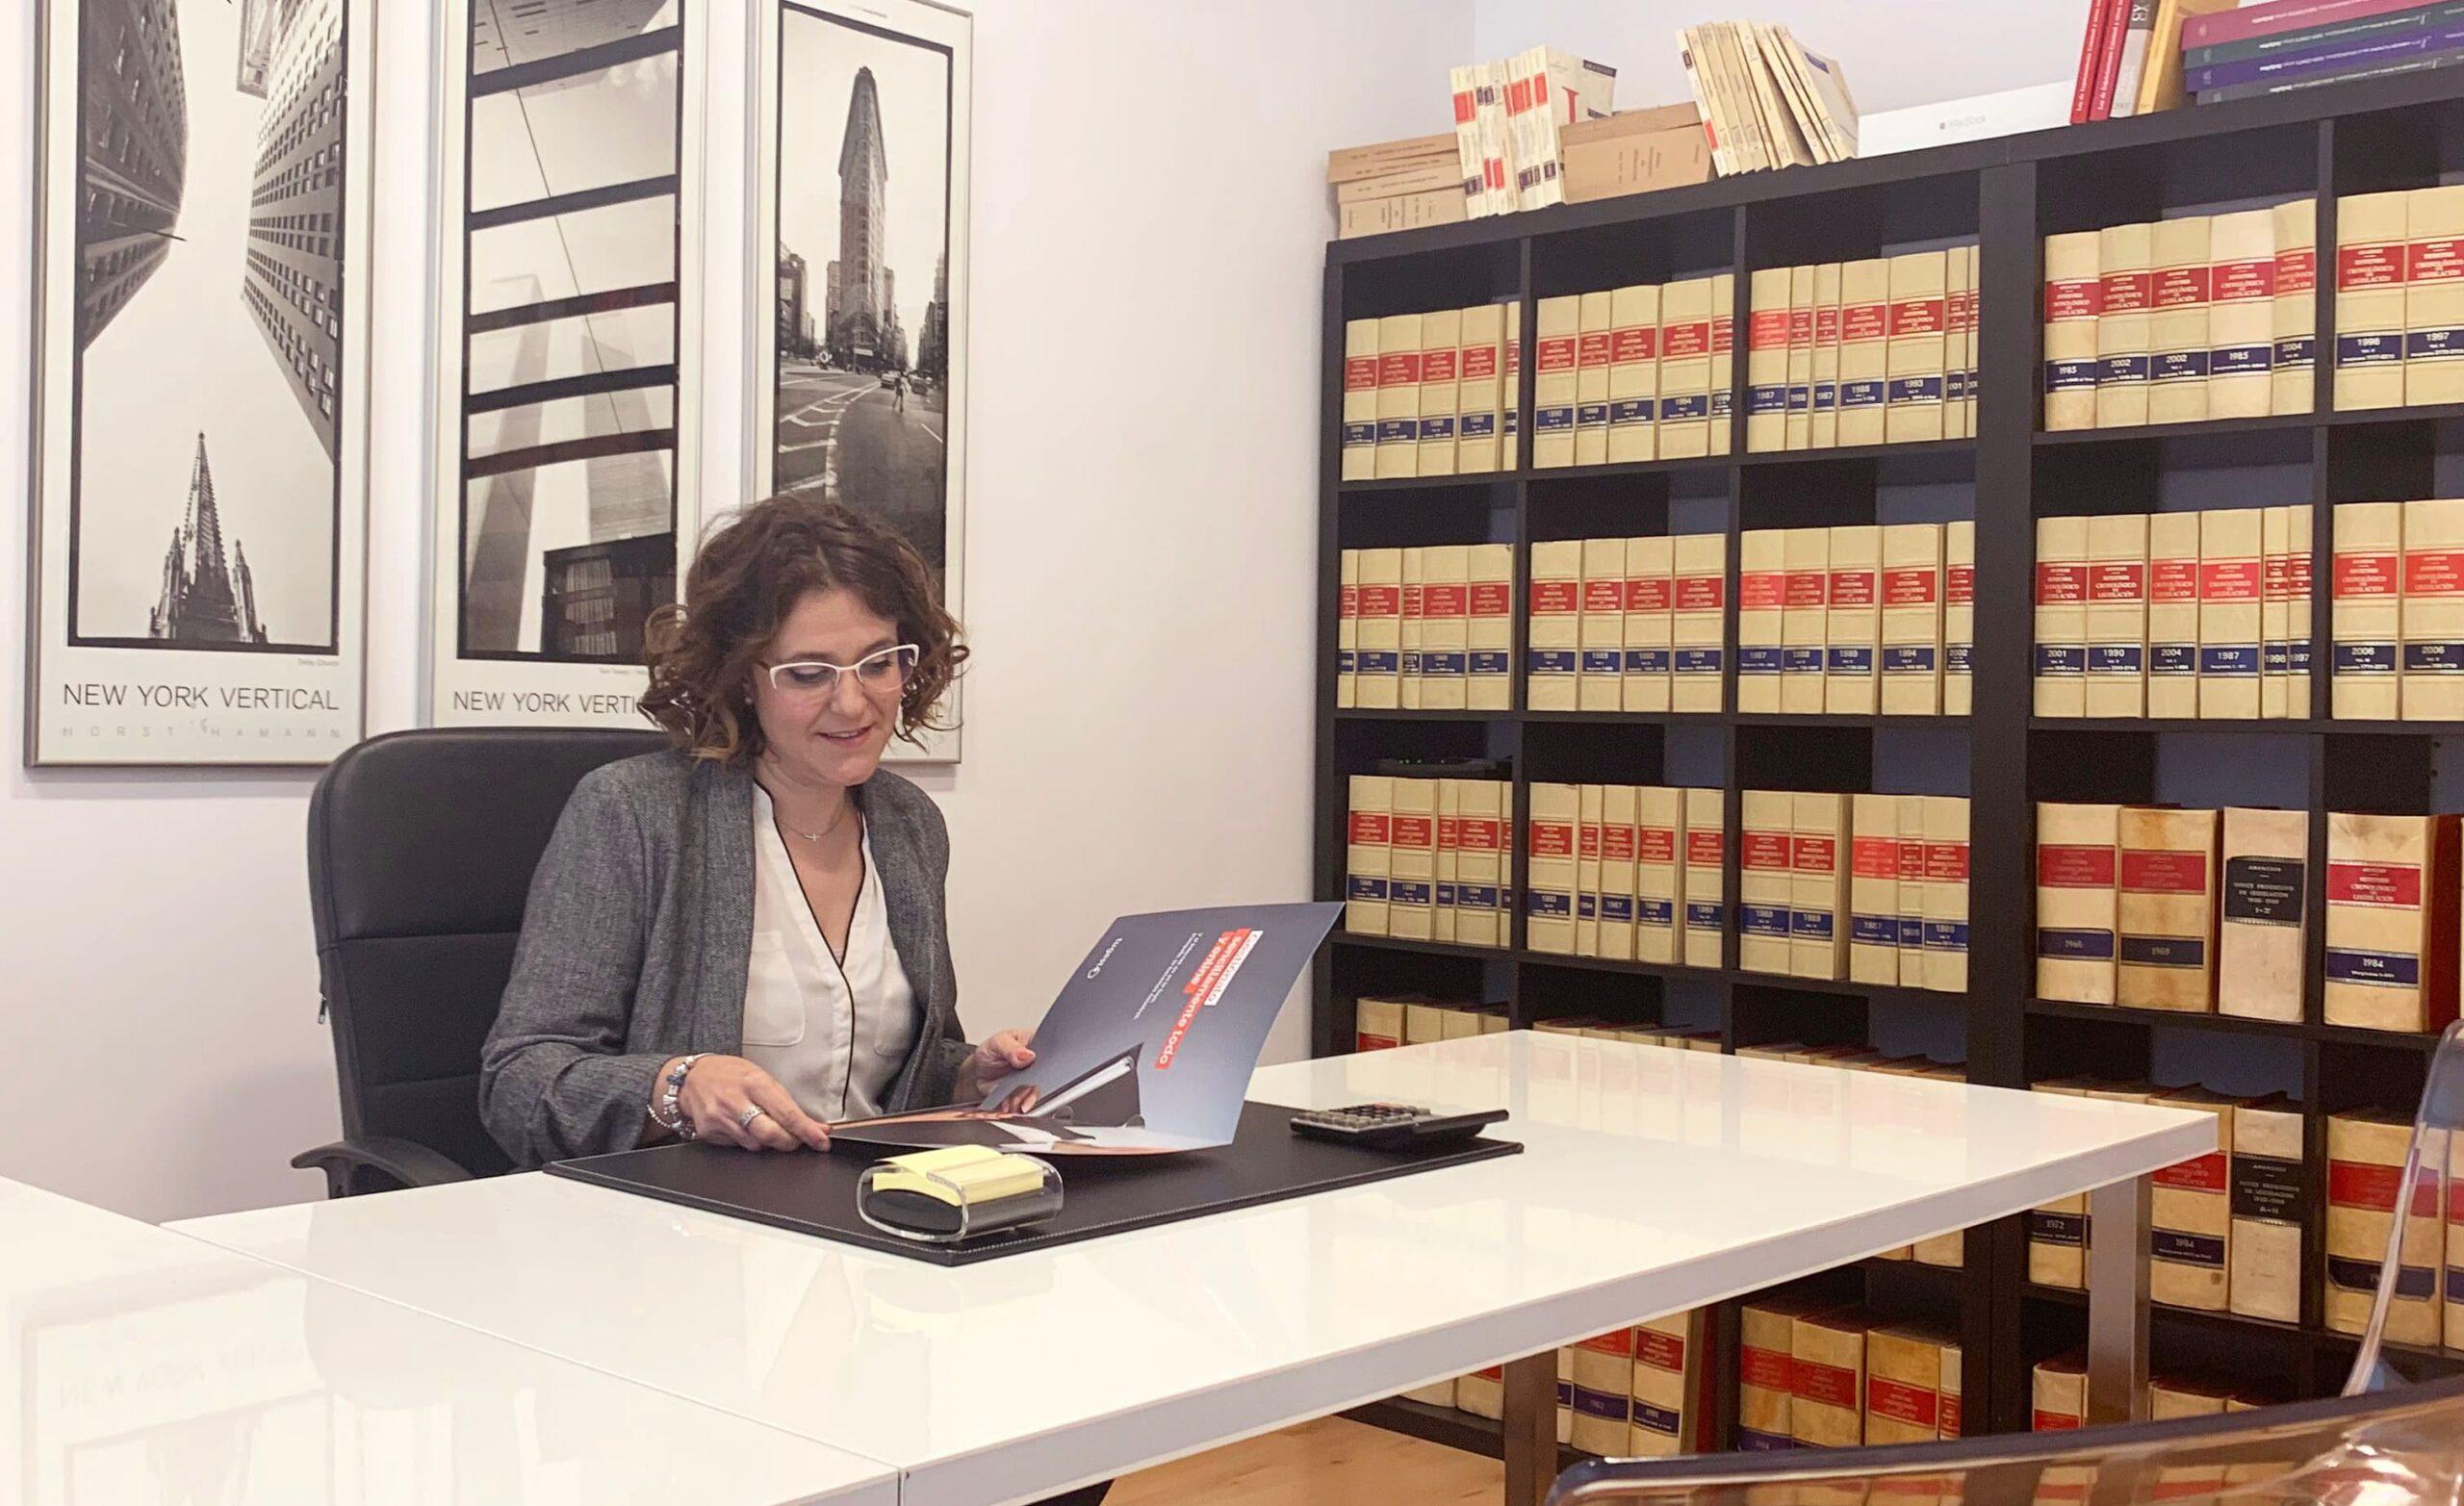 Abogados especializados en Protección de Datos con más de 25 años de experiencia